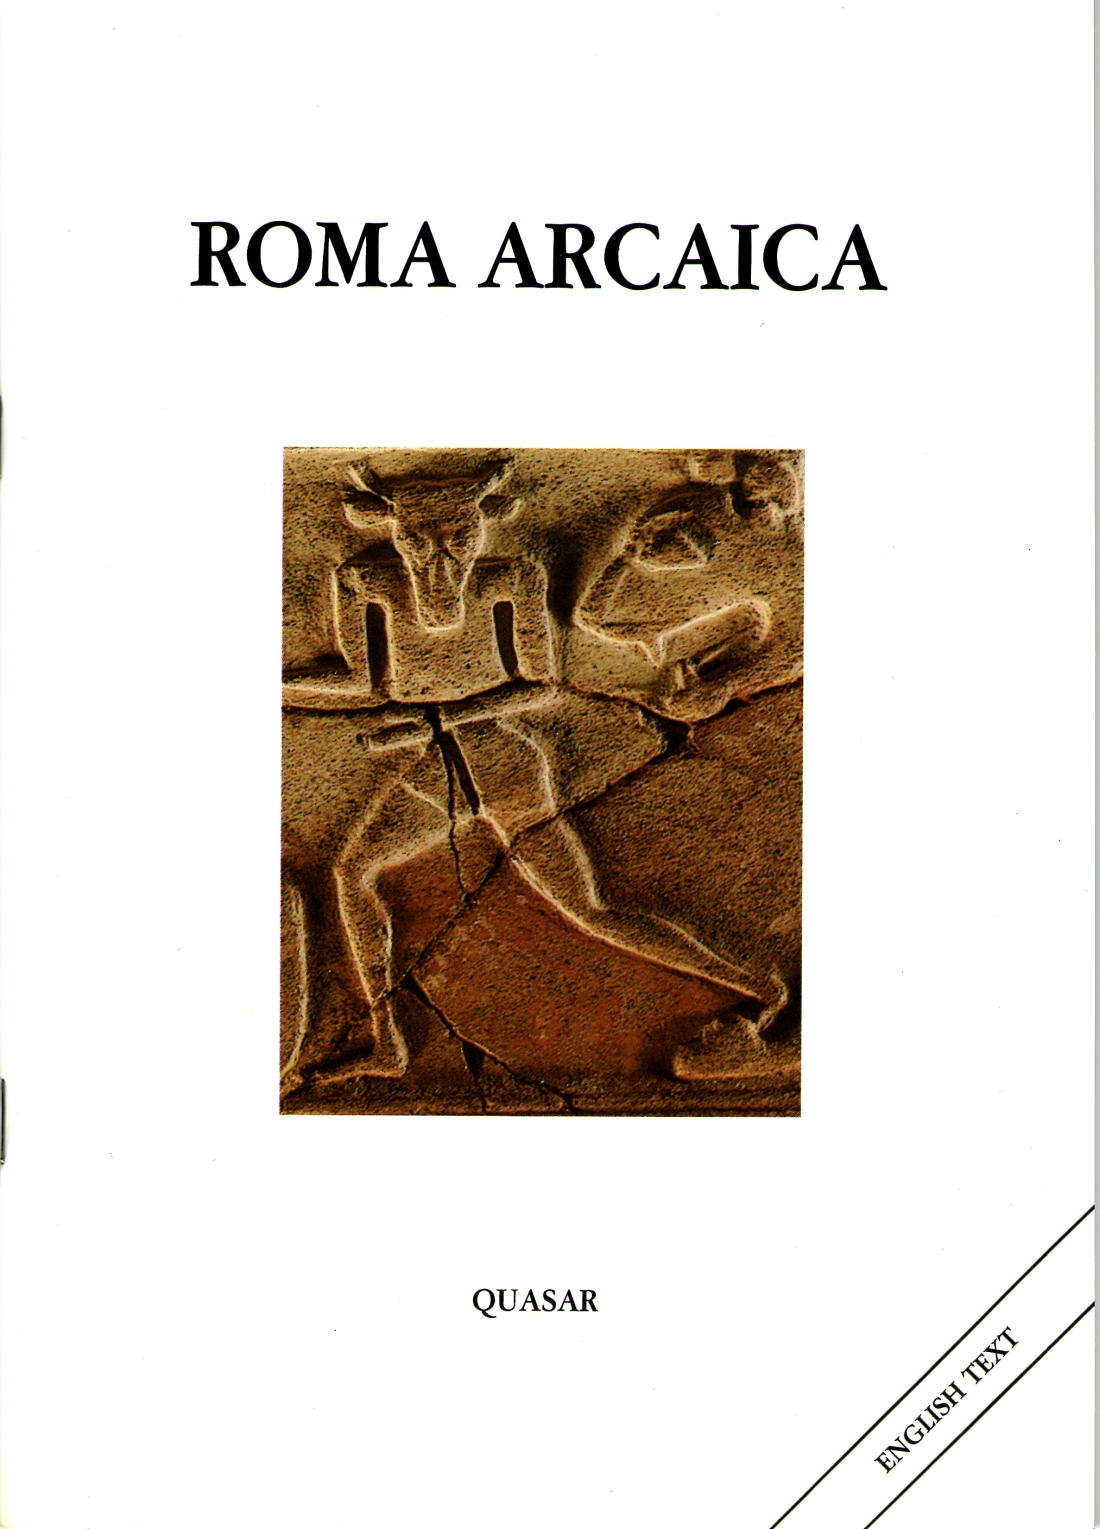 Roma arcaica